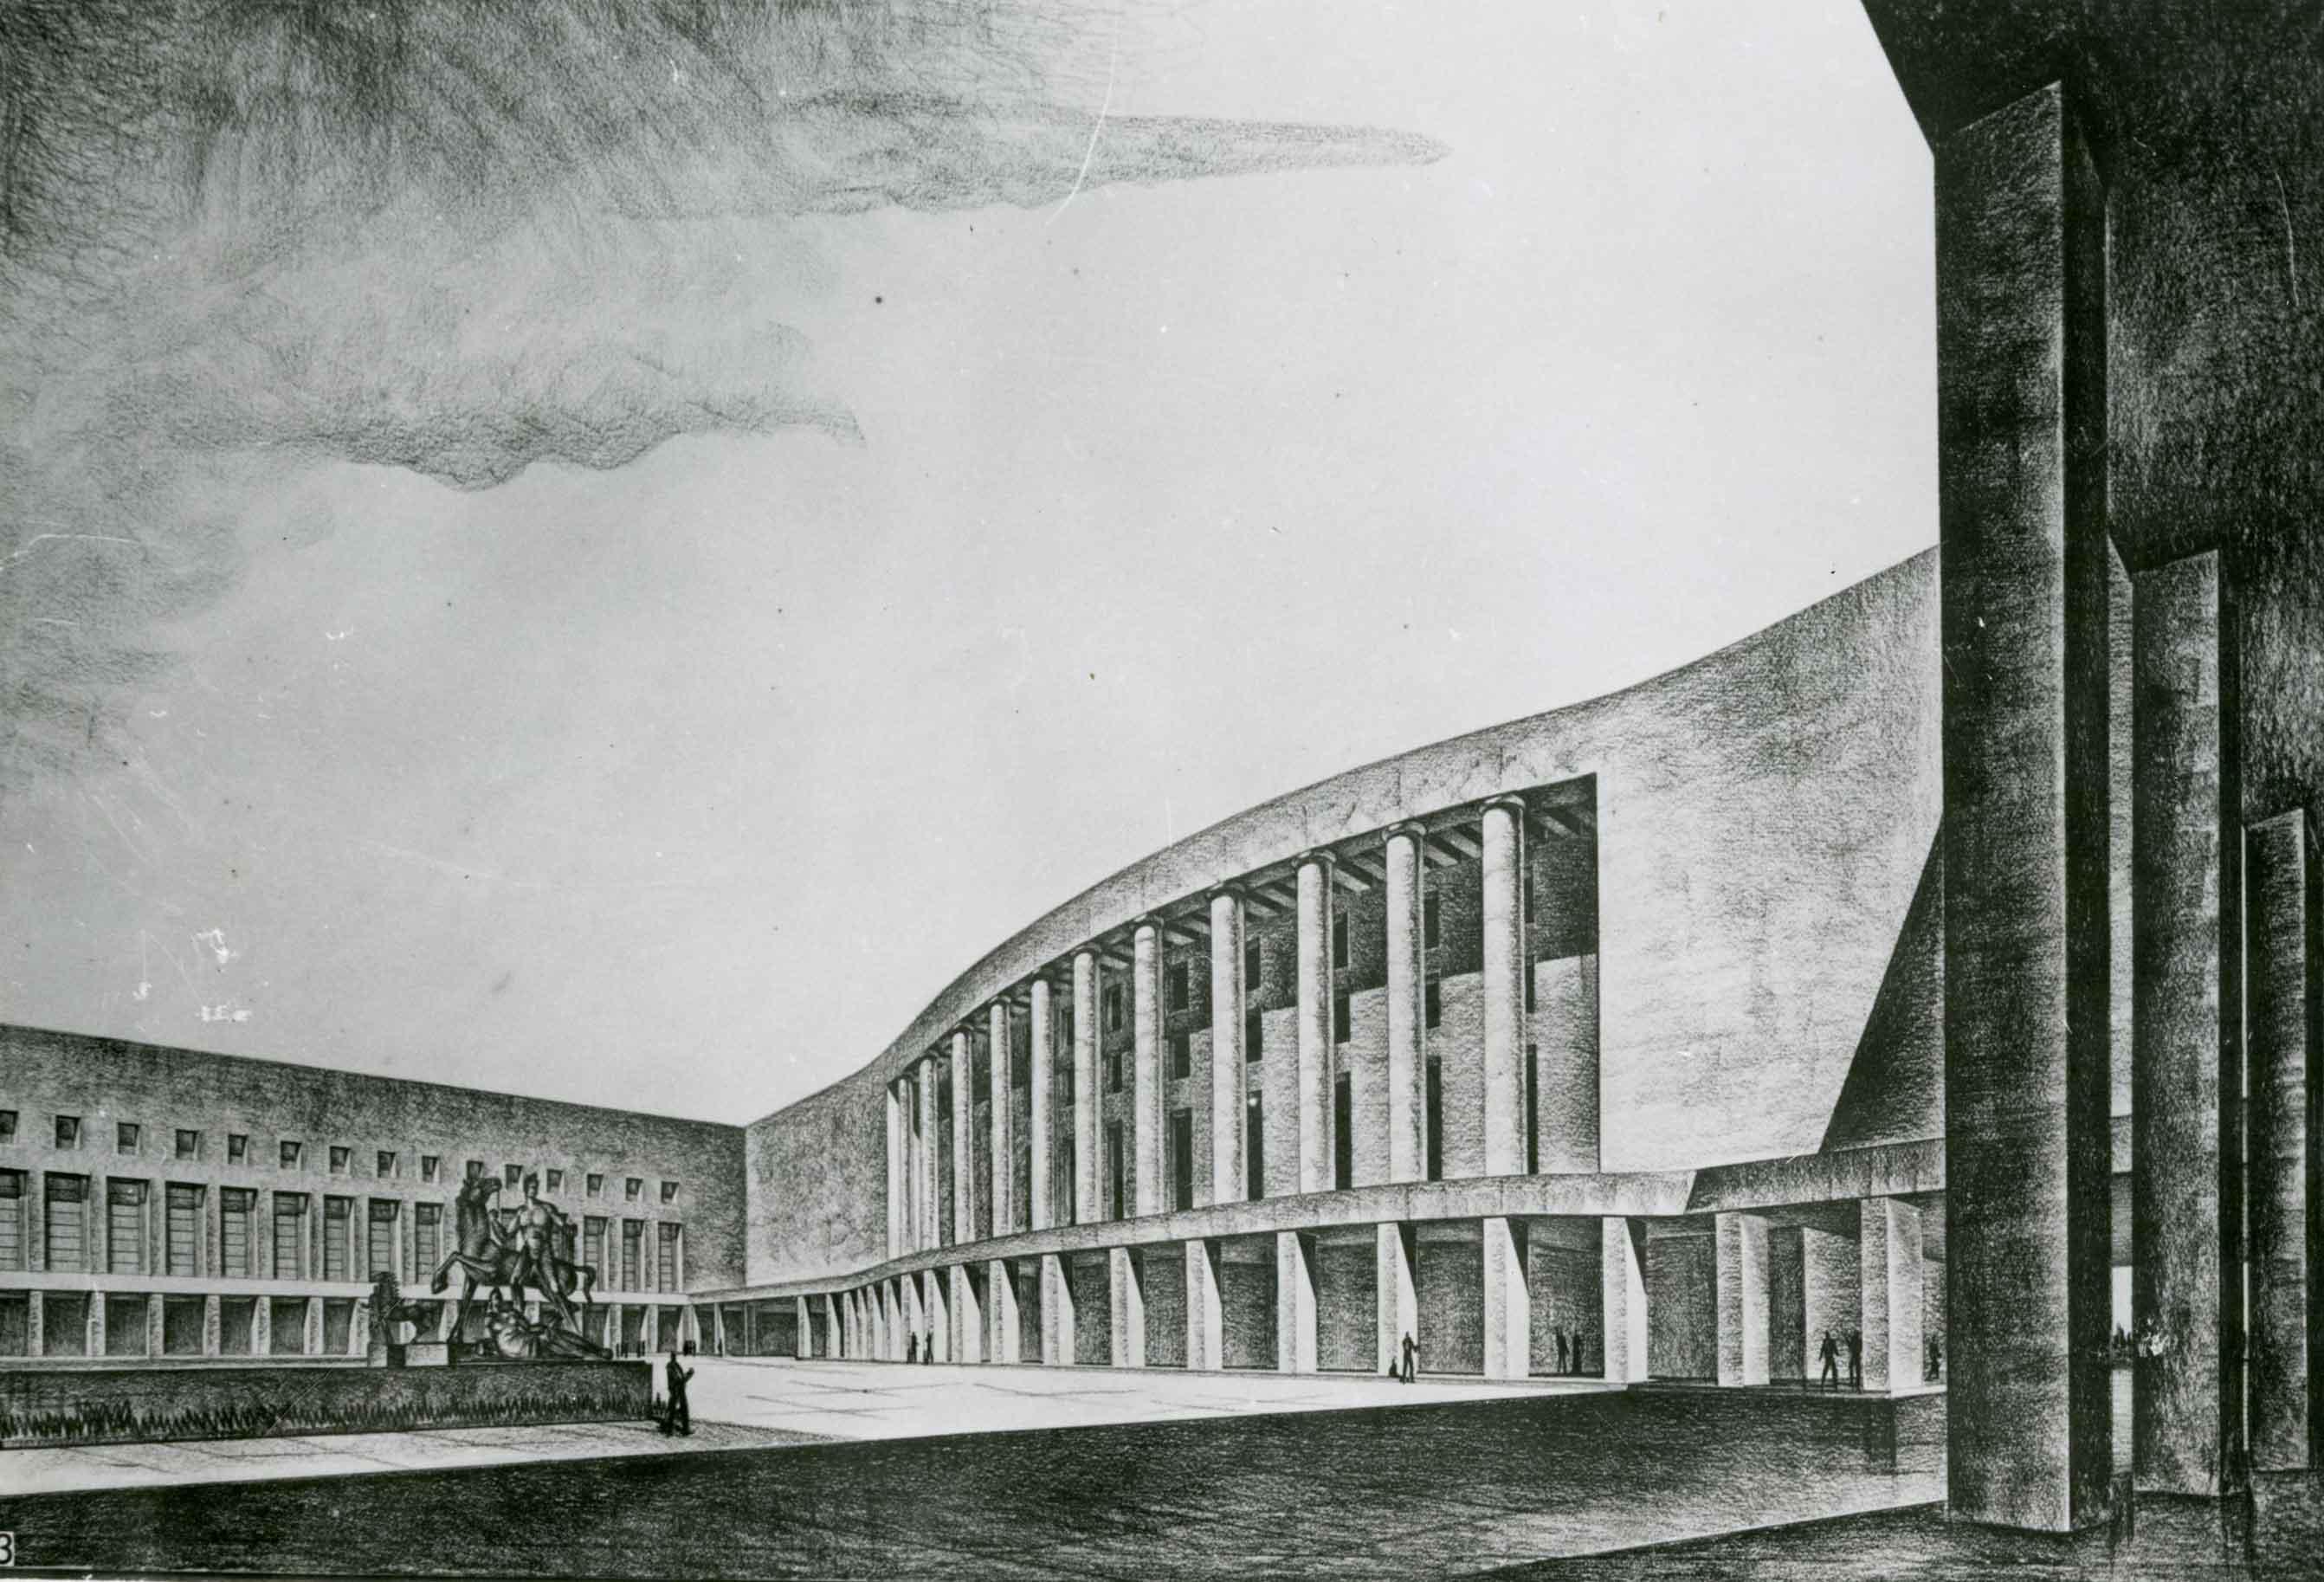 Progetto di concorso per la Piazza imperiale all'E42, Roma